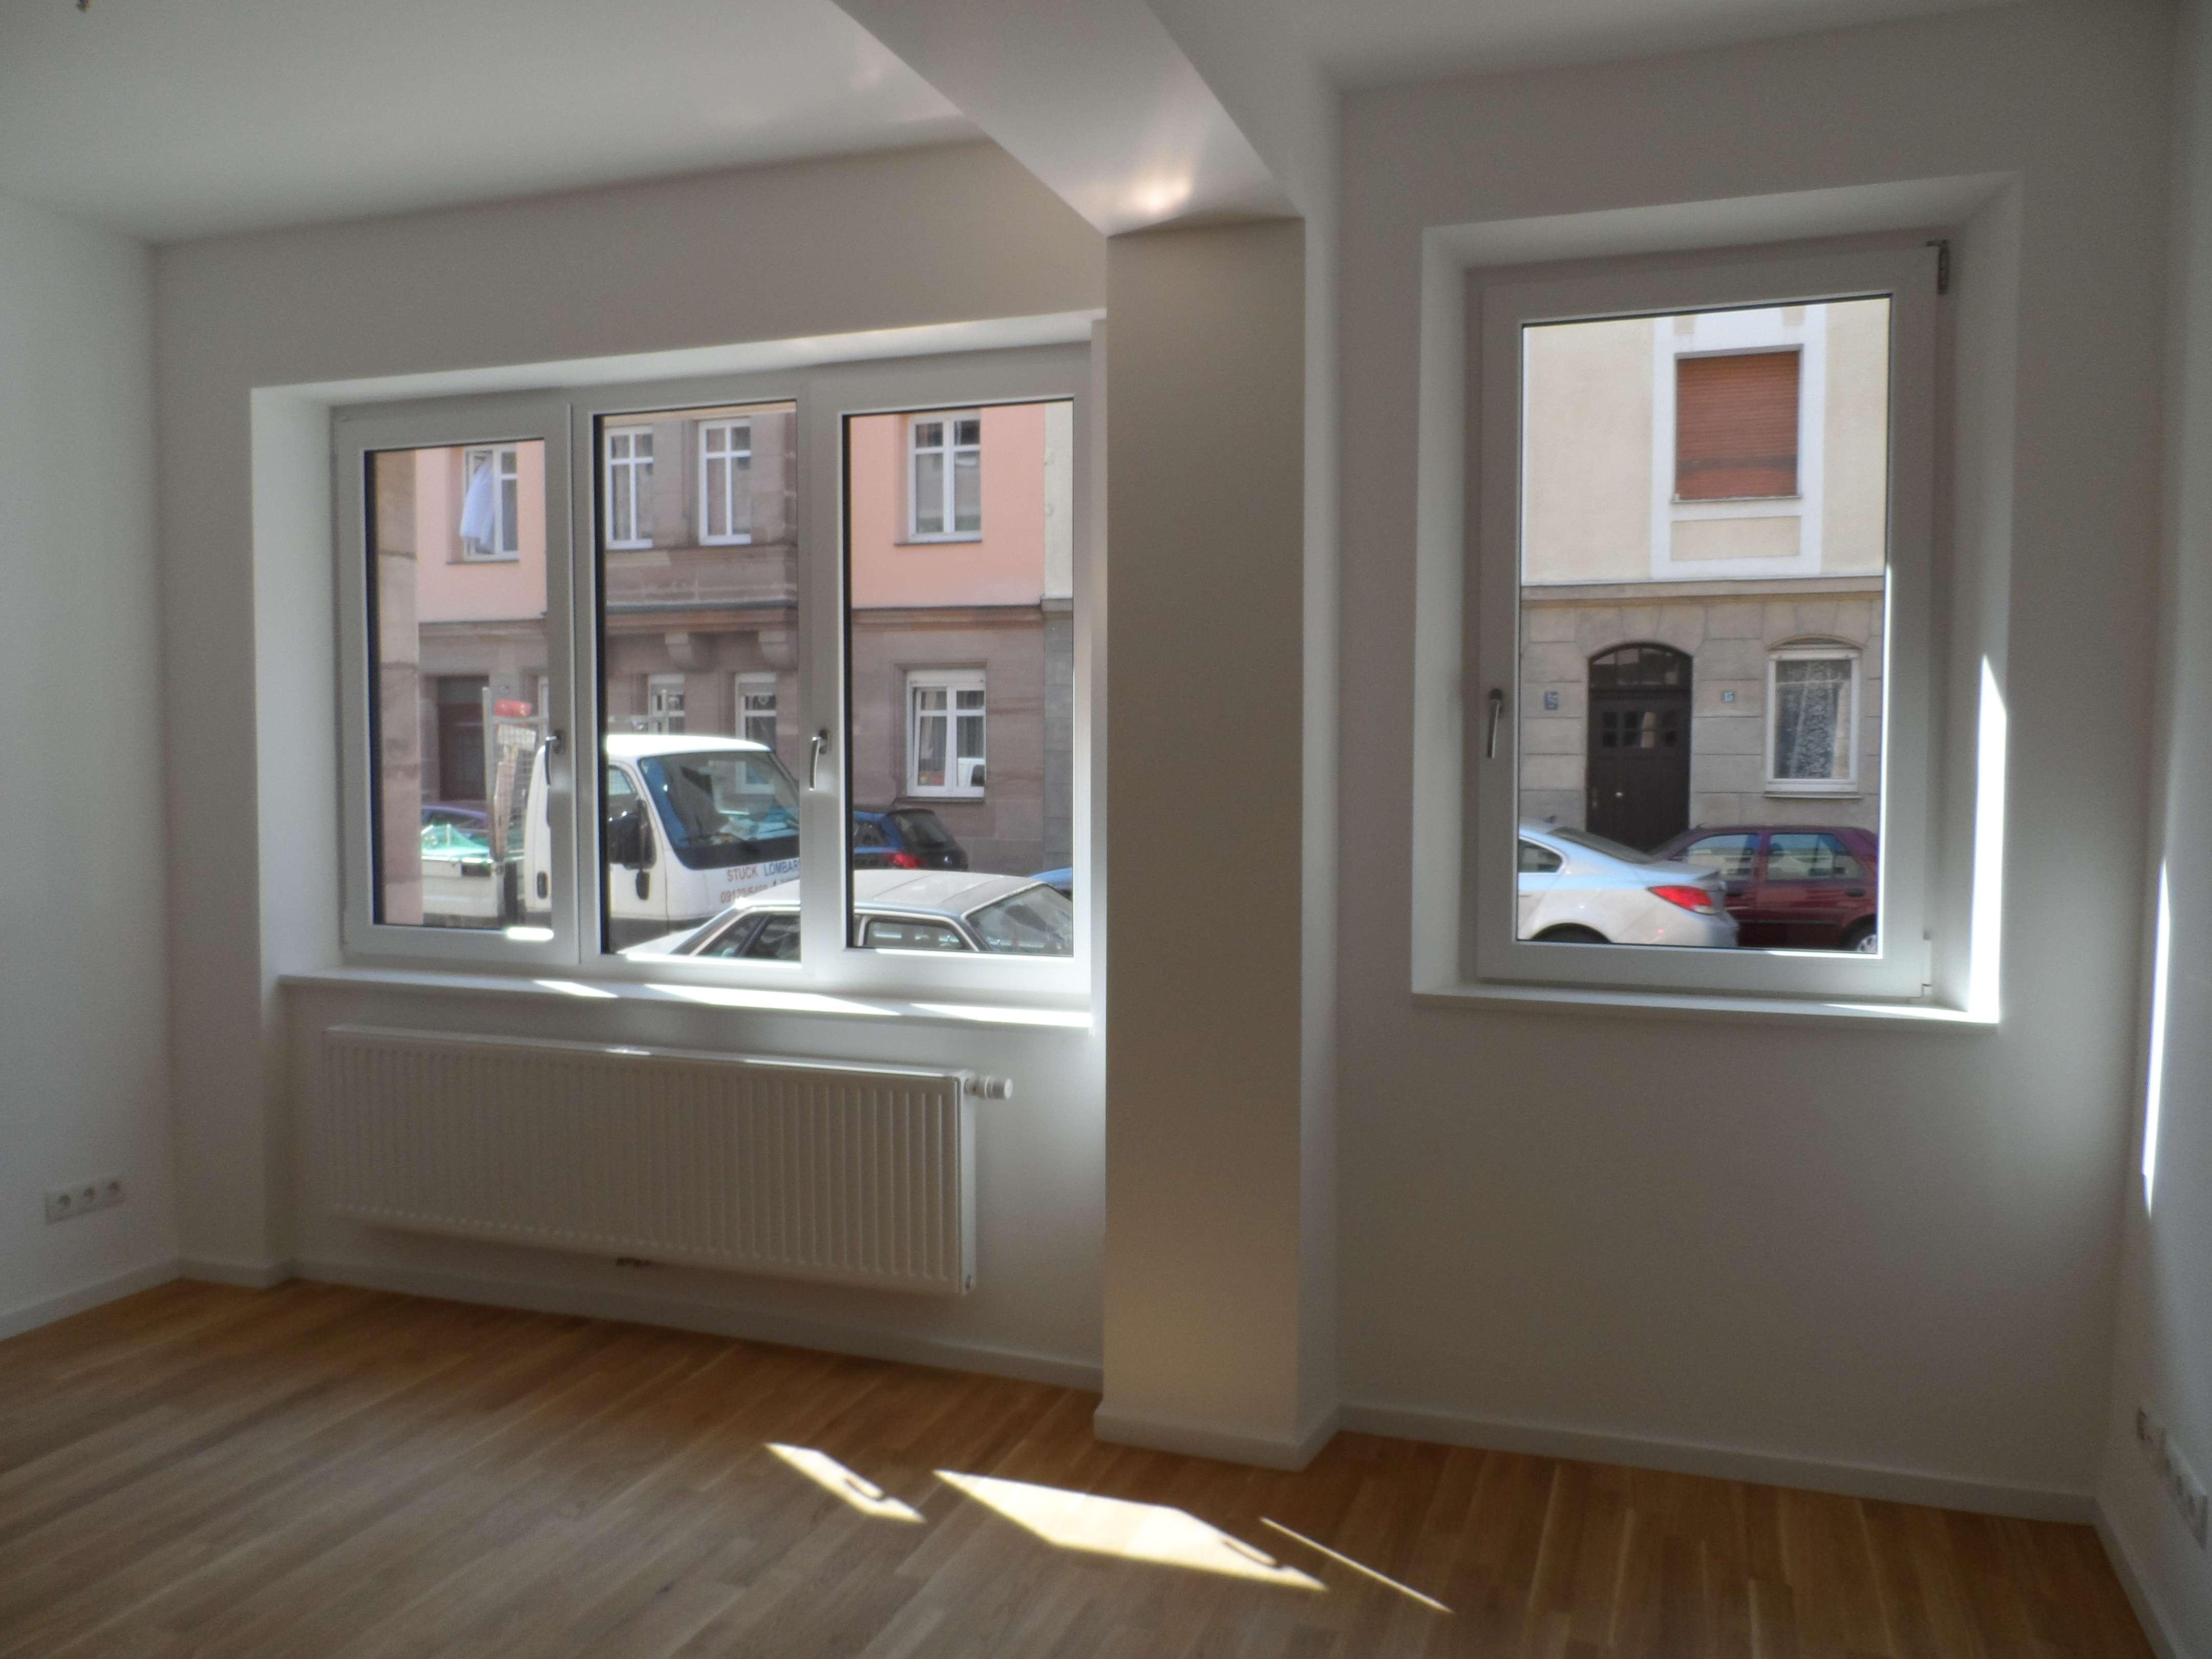 Nürnberg Nord: top 2-Zimmer Terrassenwohnung, Einbauküche; Objekt 2016 umfassend saniert in Uhlandstraße (Nürnberg)